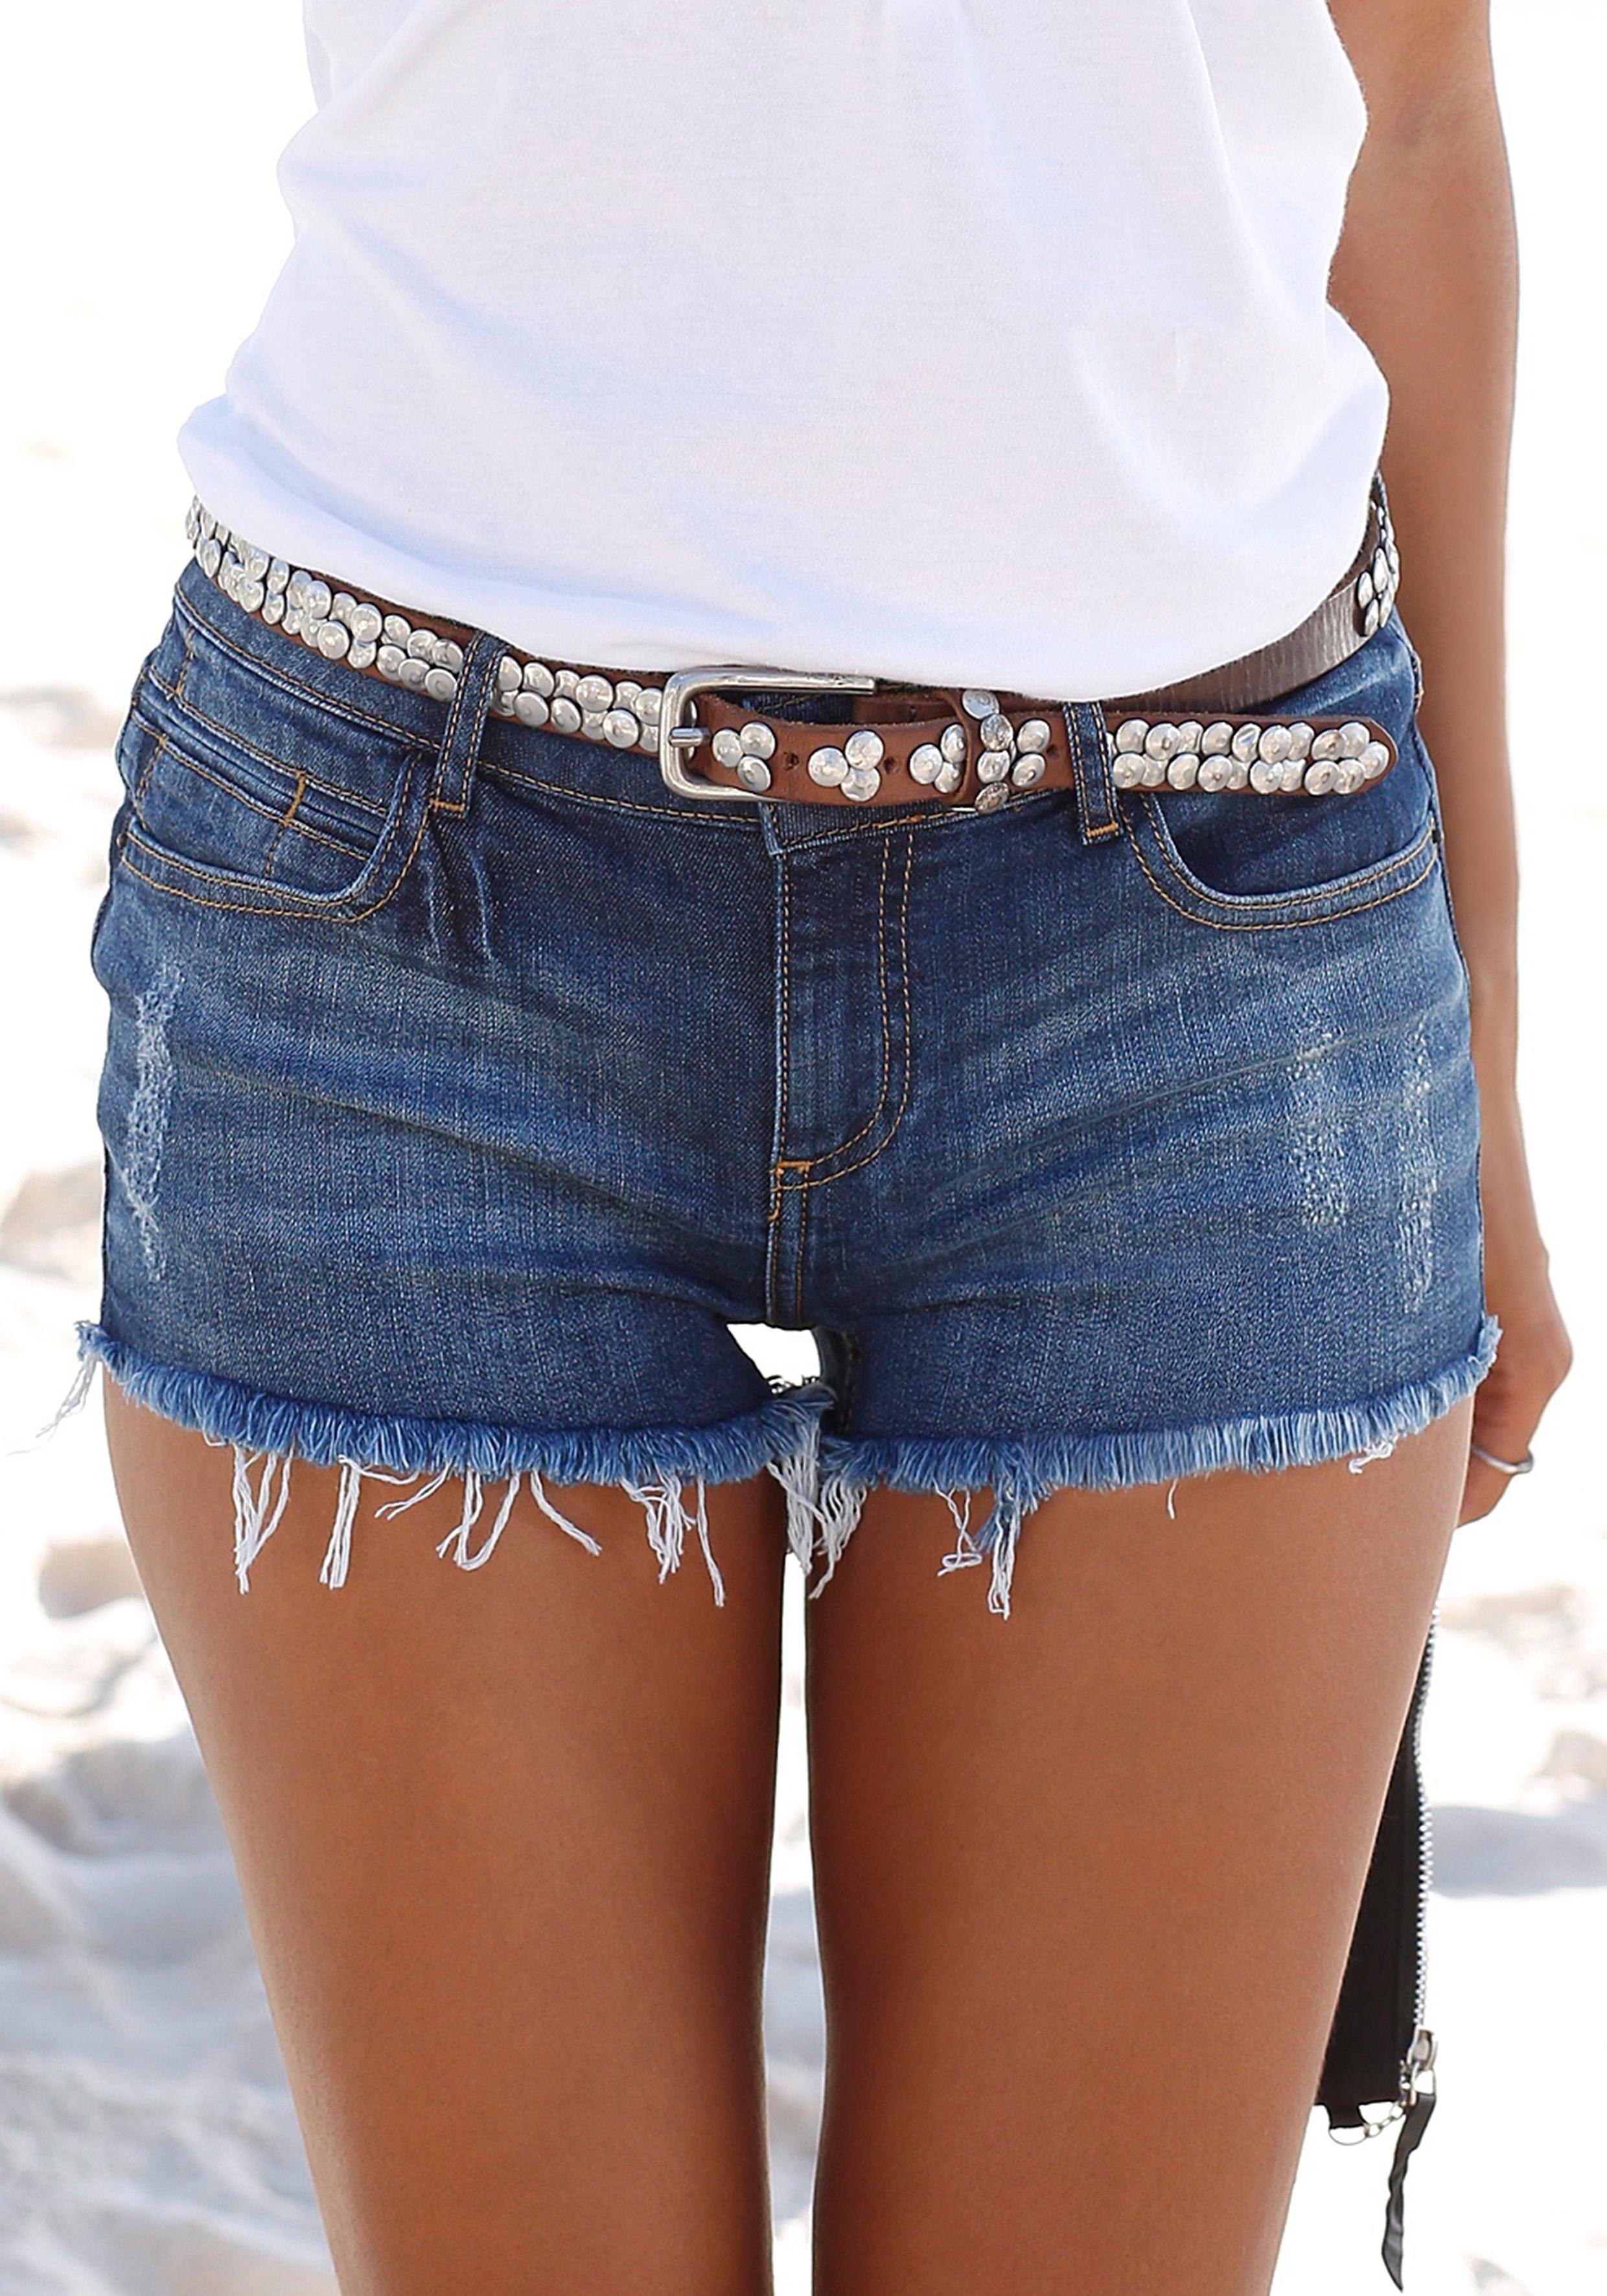 Buffalo Londen jeans-hotpants in de webshop van Lascana kopen